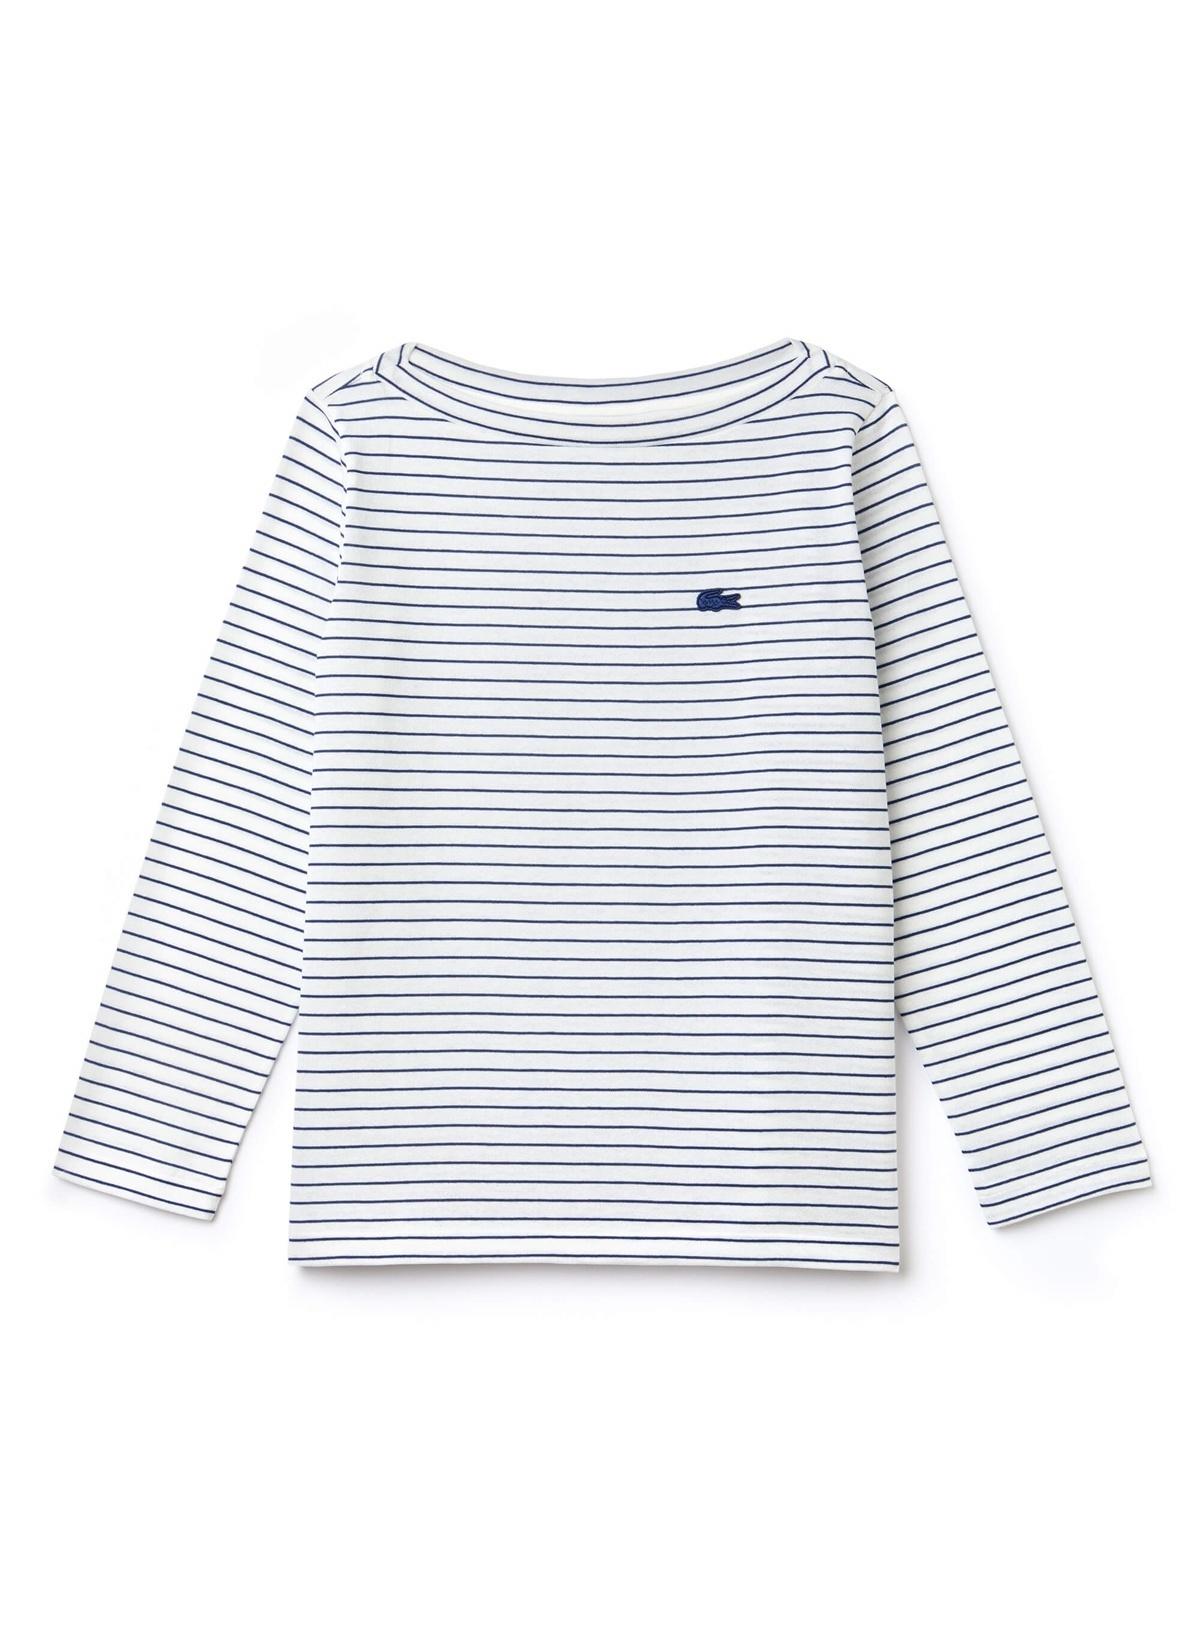 Lacoste Tişört Tf8773.x0p T-shirt – 299.0 TL